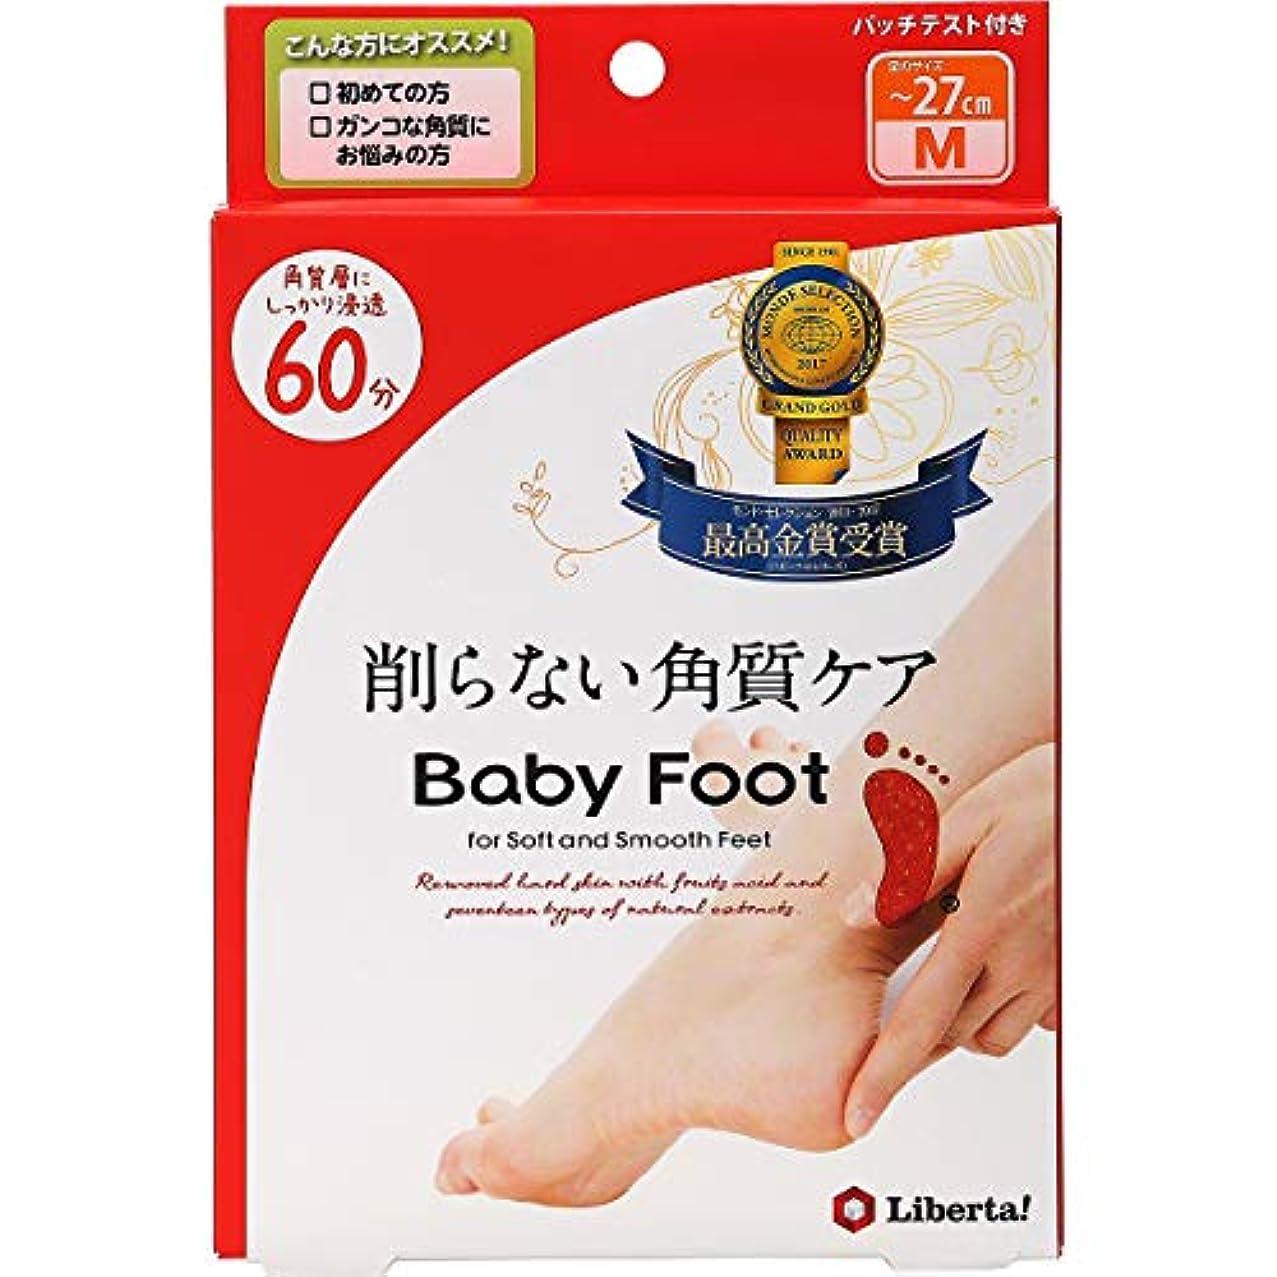 頼む予算食事を調理するベビーフット (Baby Foot) ベビーフット イージーパック SPT60分タイプ Mサイズ 単品